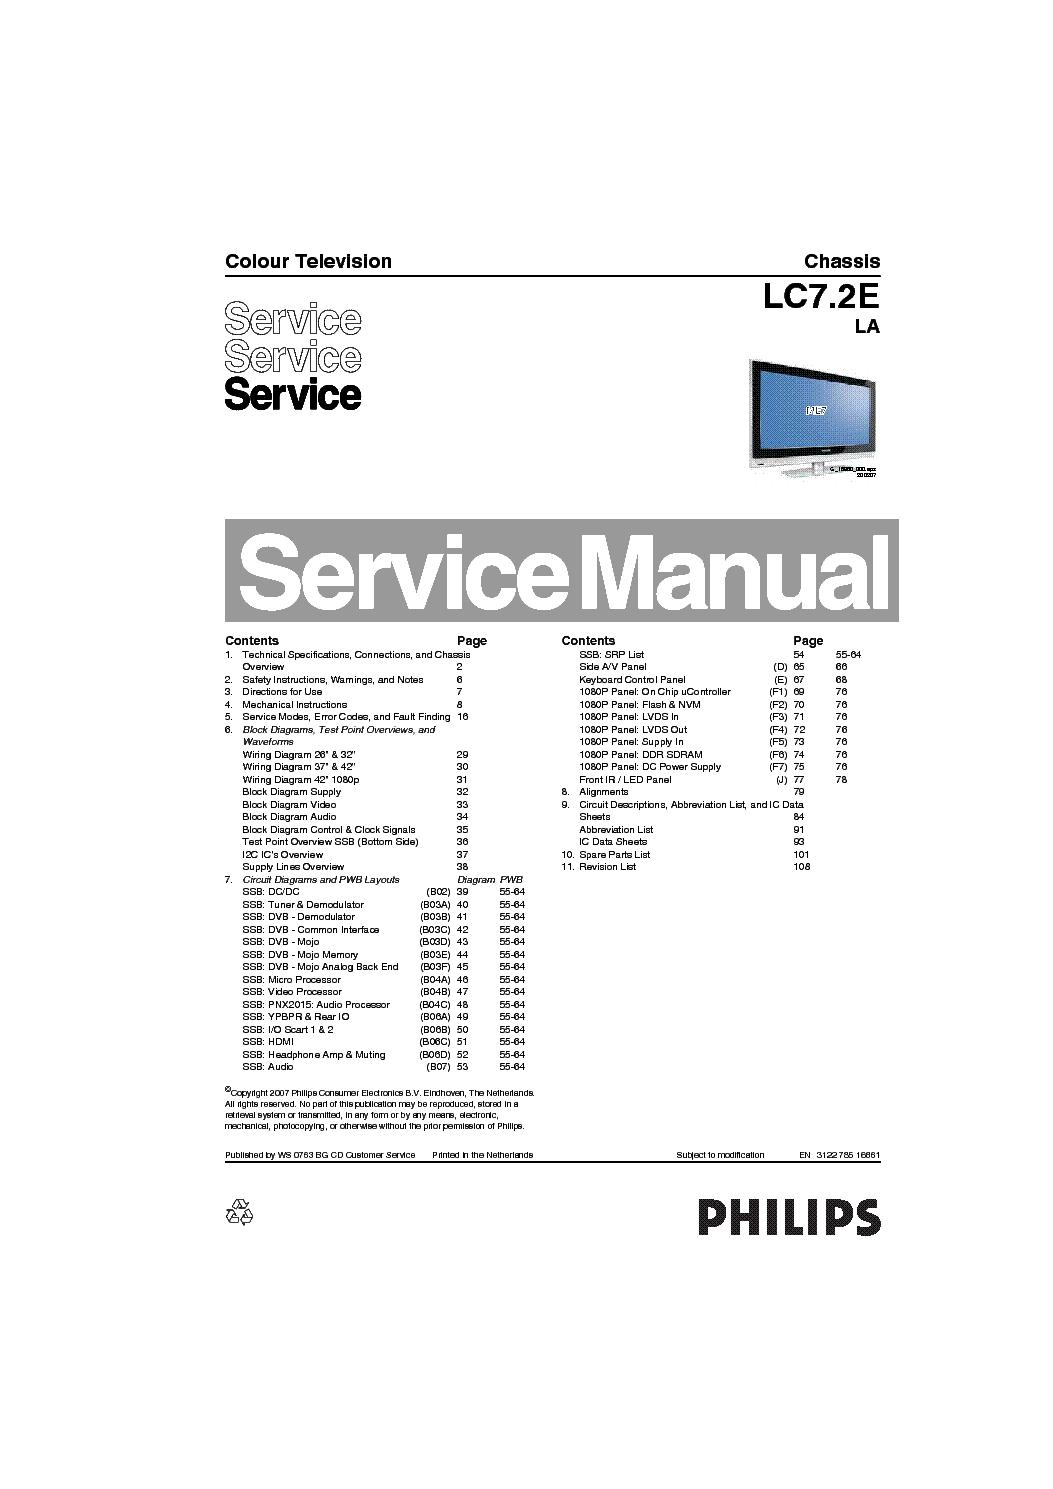 philips lc7 2e